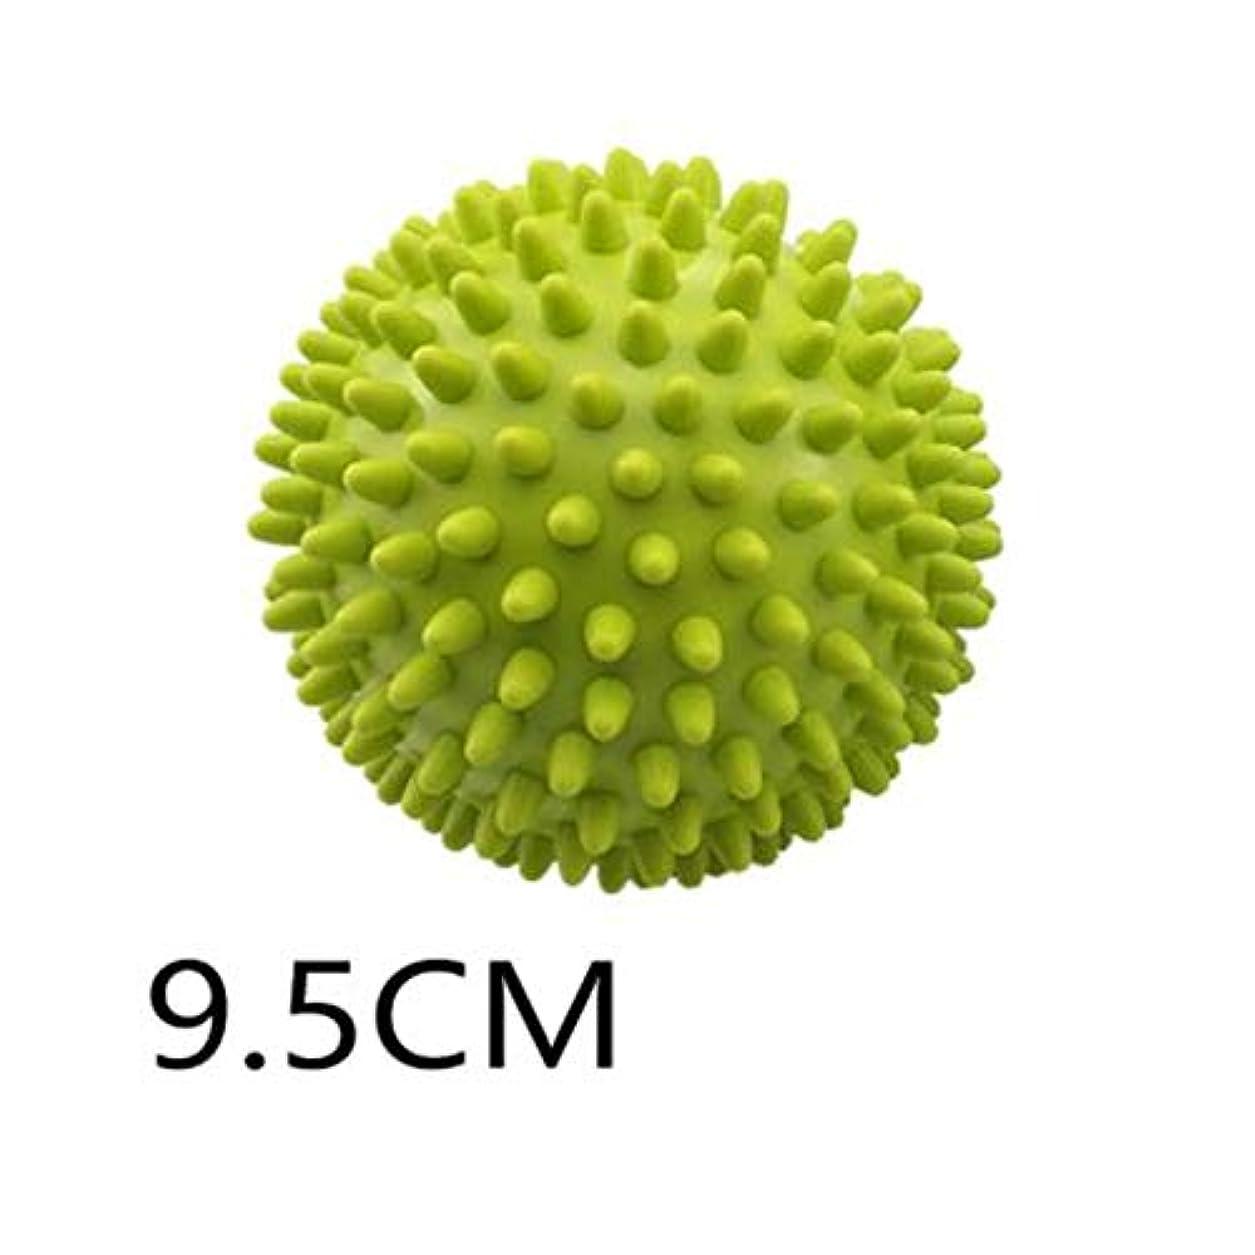 省回転最少とげのボール - グリーン